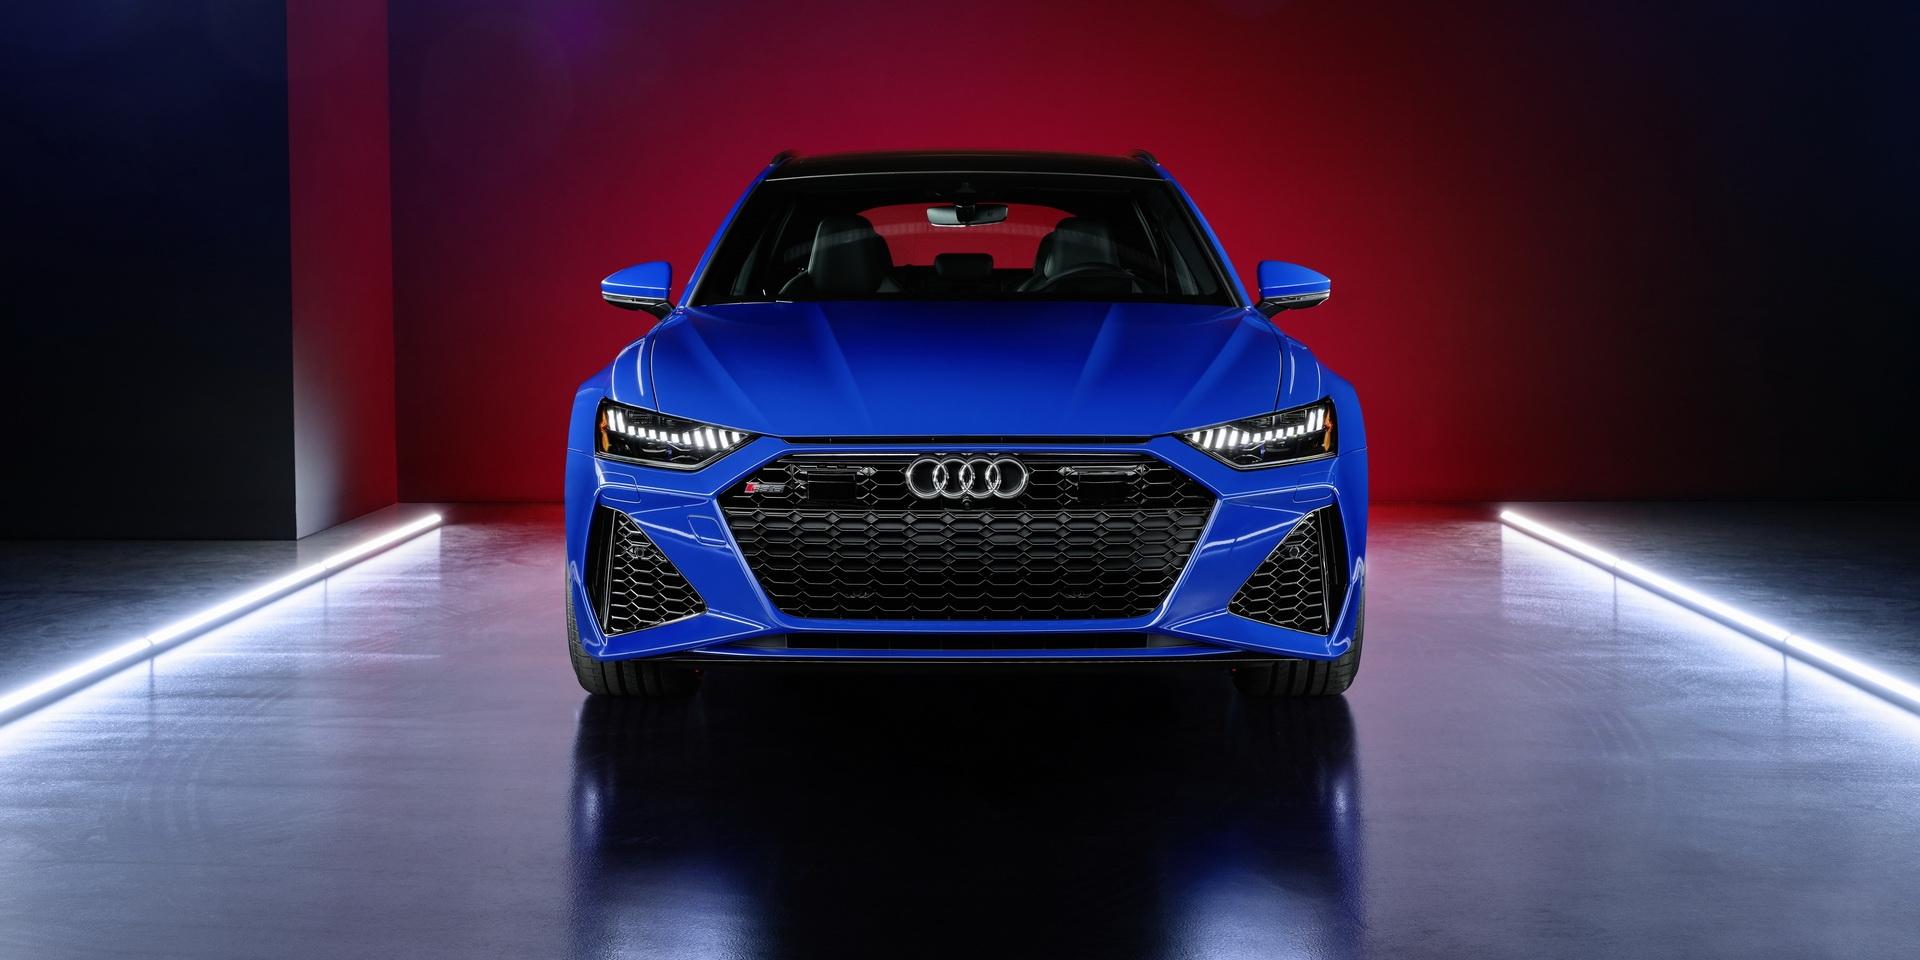 限量25輛,Audi推出RS6 Avant S Tribute Edition特仕車 限北美市場